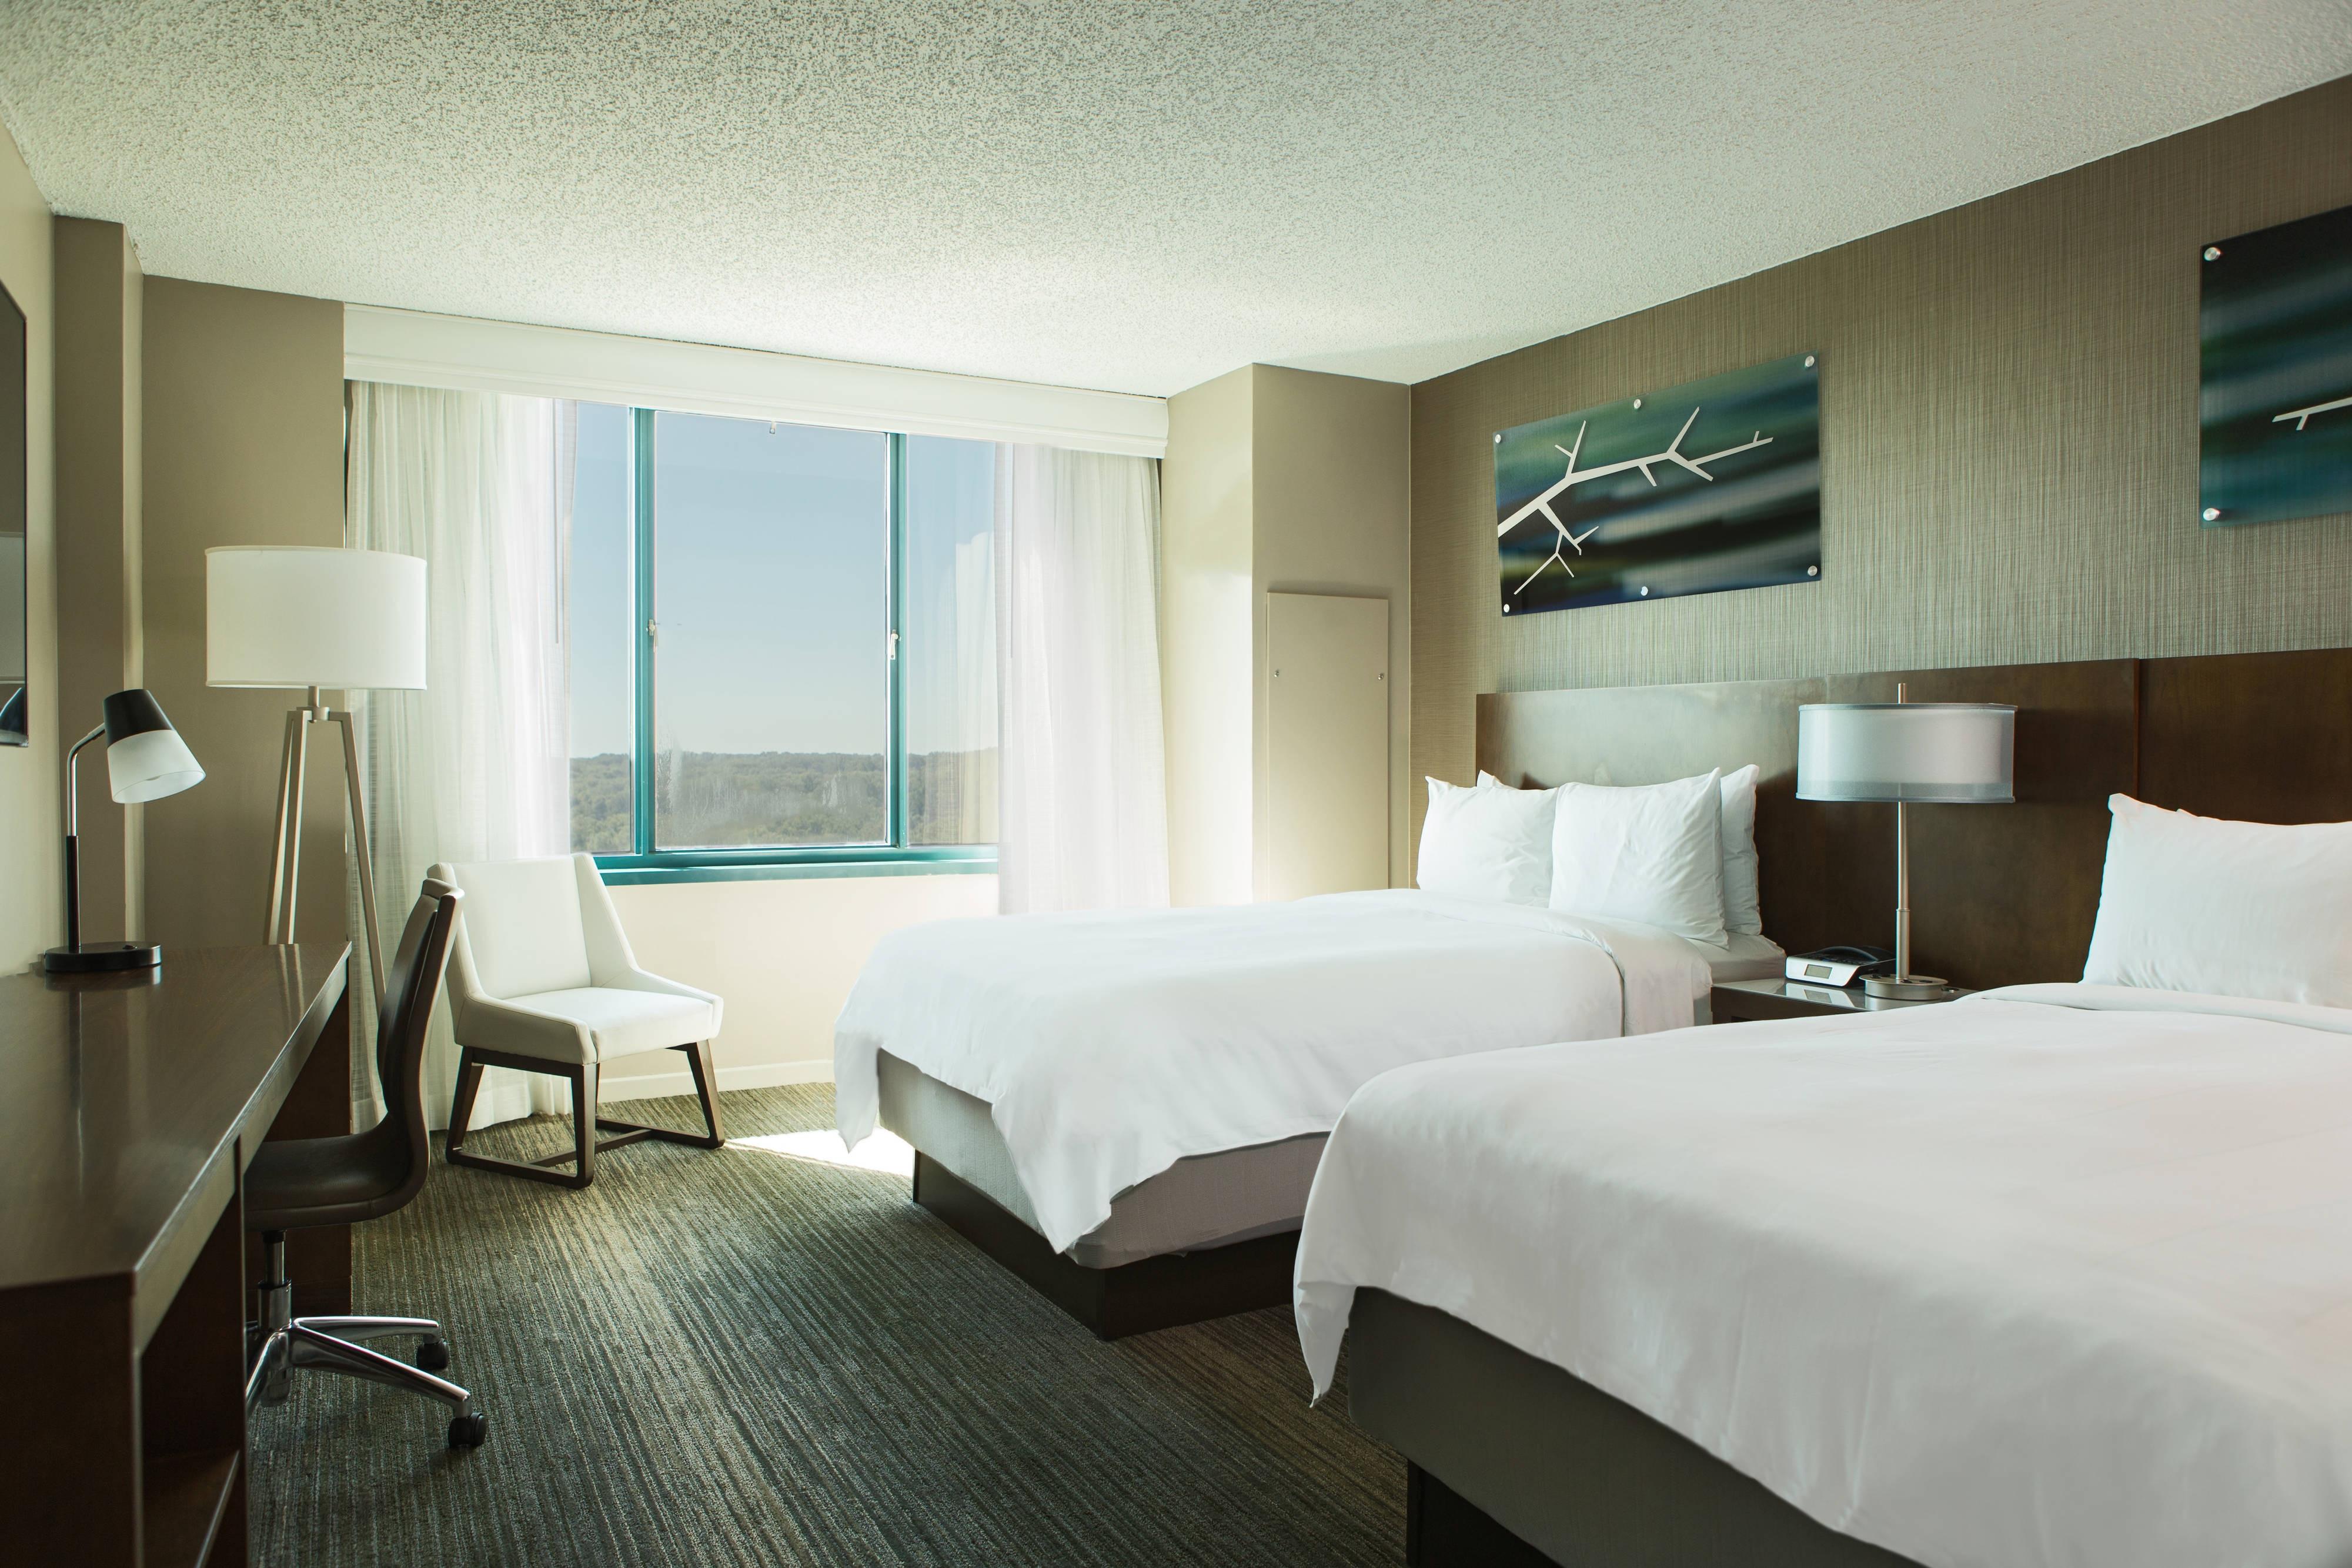 Falls Church Marriott Guest Room